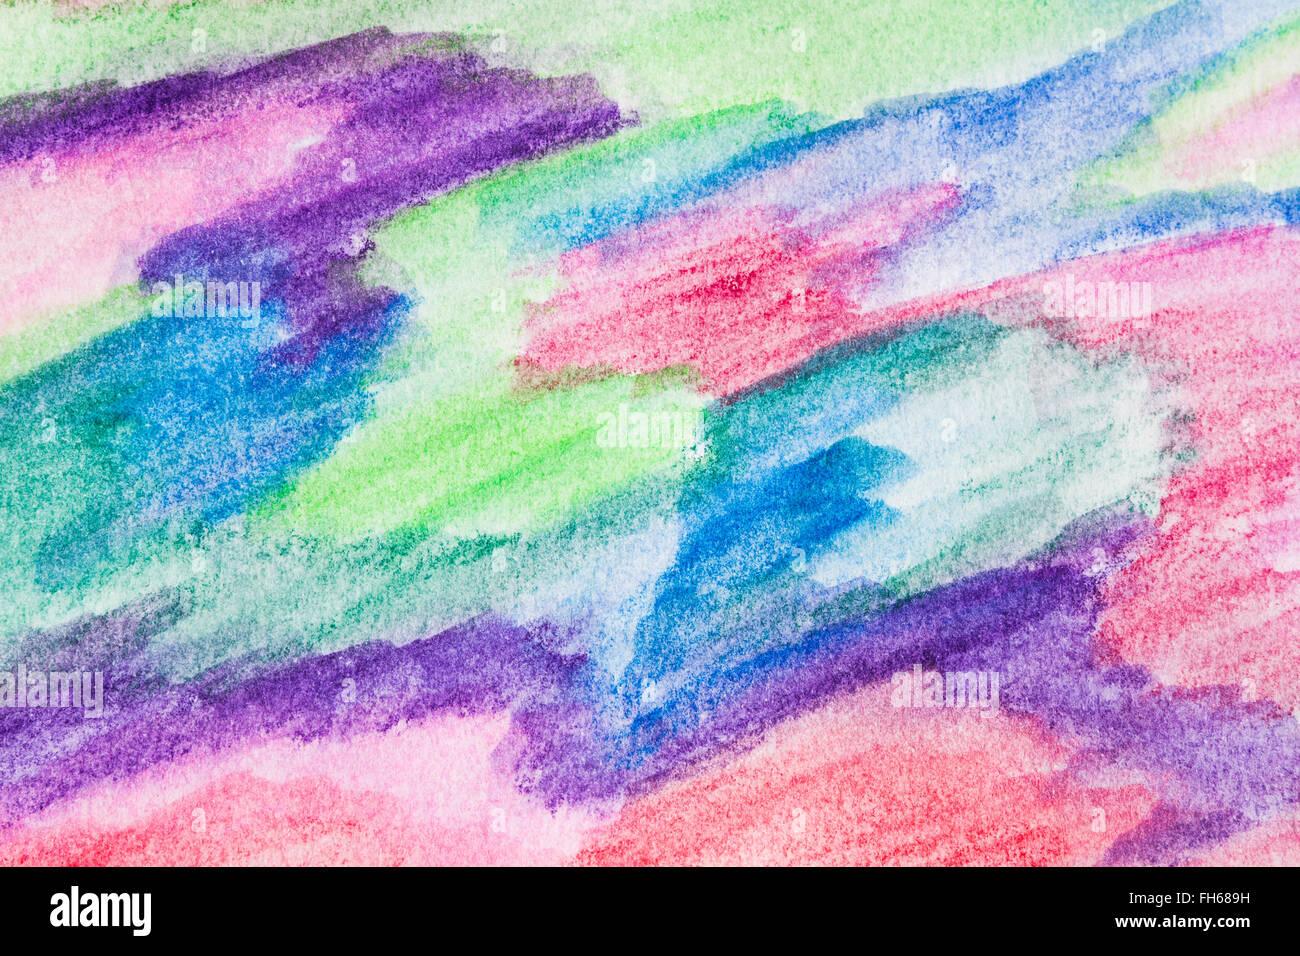 Dibujo Abstracto Pintado Con Crayones De Acuarela Textura Para Que